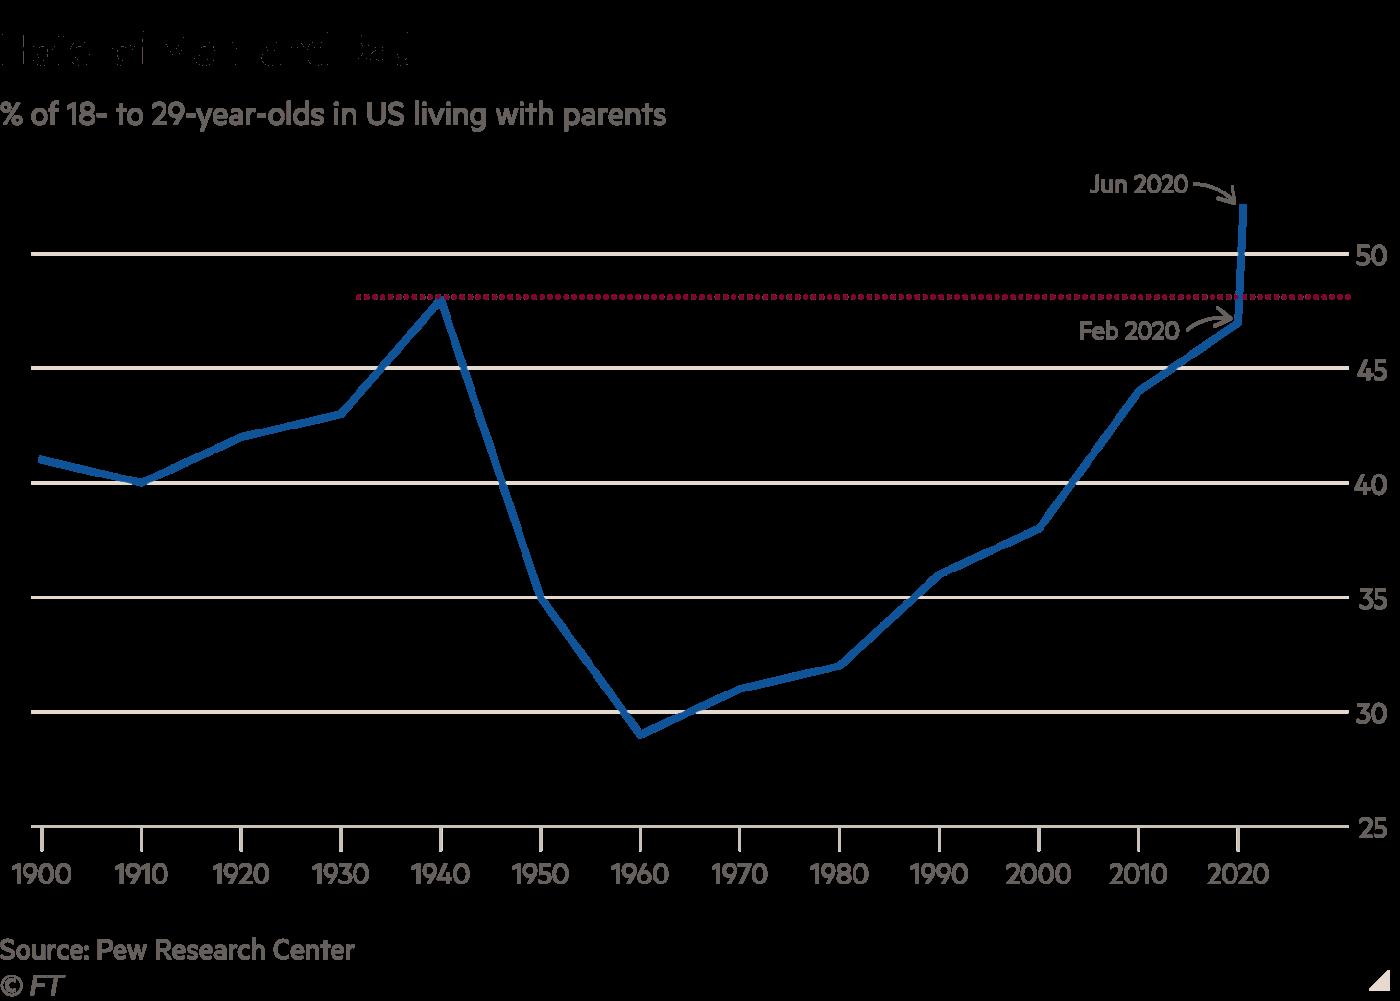 هتل مامان و بابا: درصد آمریکاییهای 18 تا 29 ساله که در منزل والدینشان زندگی میکنند